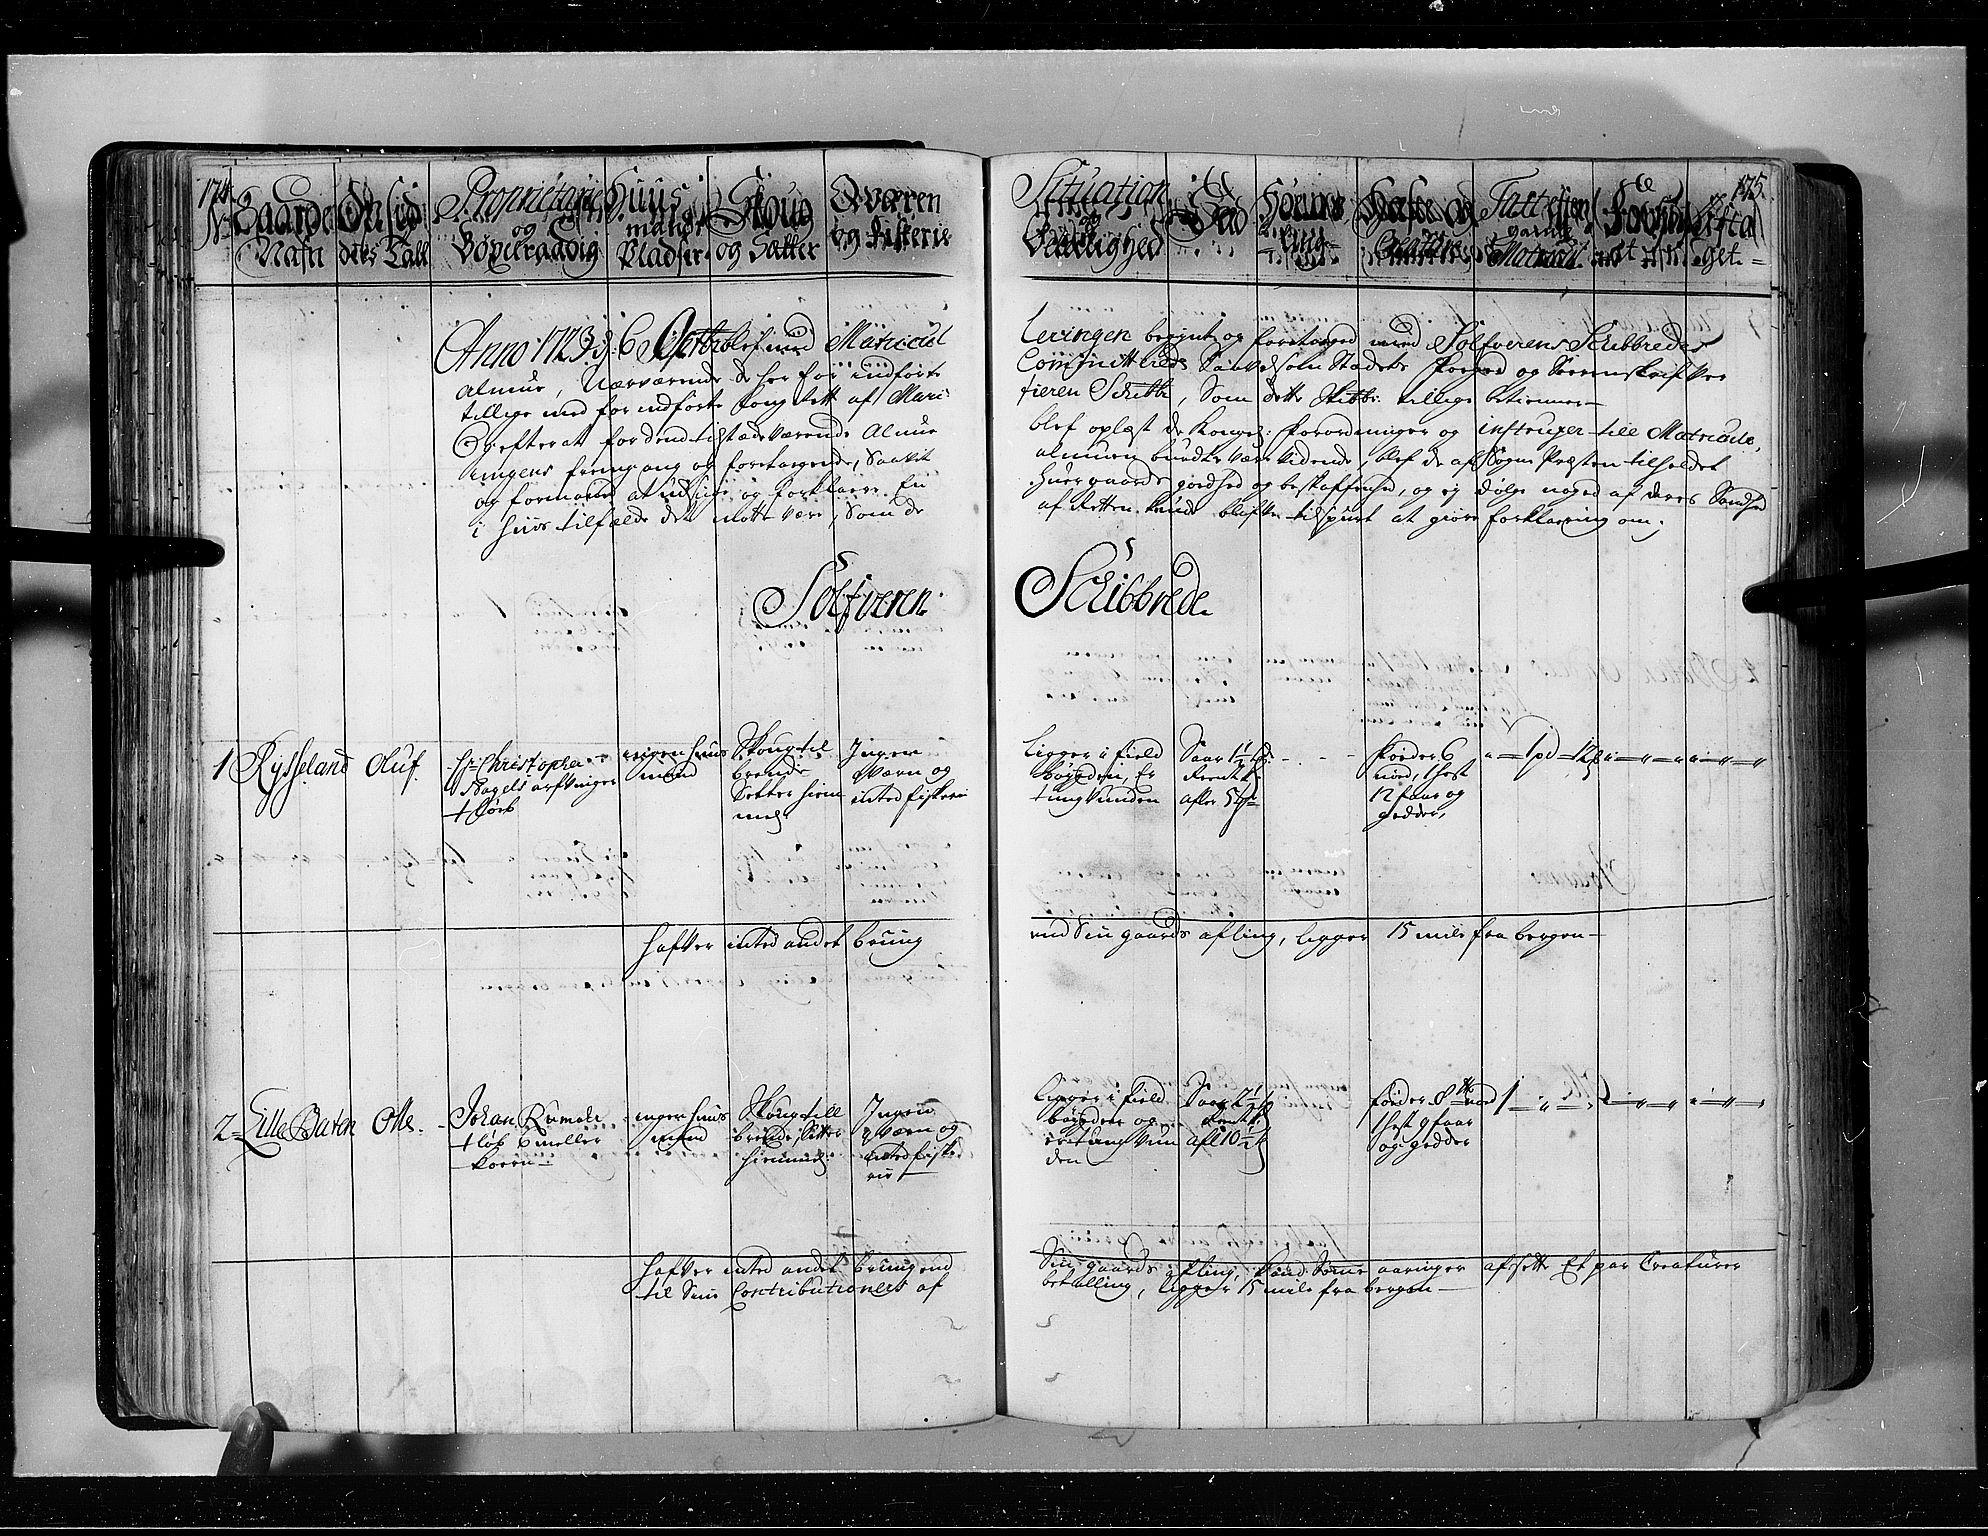 RA, Rentekammeret inntil 1814, Realistisk ordnet avdeling, N/Nb/Nbf/L0143: Ytre og Indre Sogn eksaminasjonsprotokoll, 1723, s. 174-175